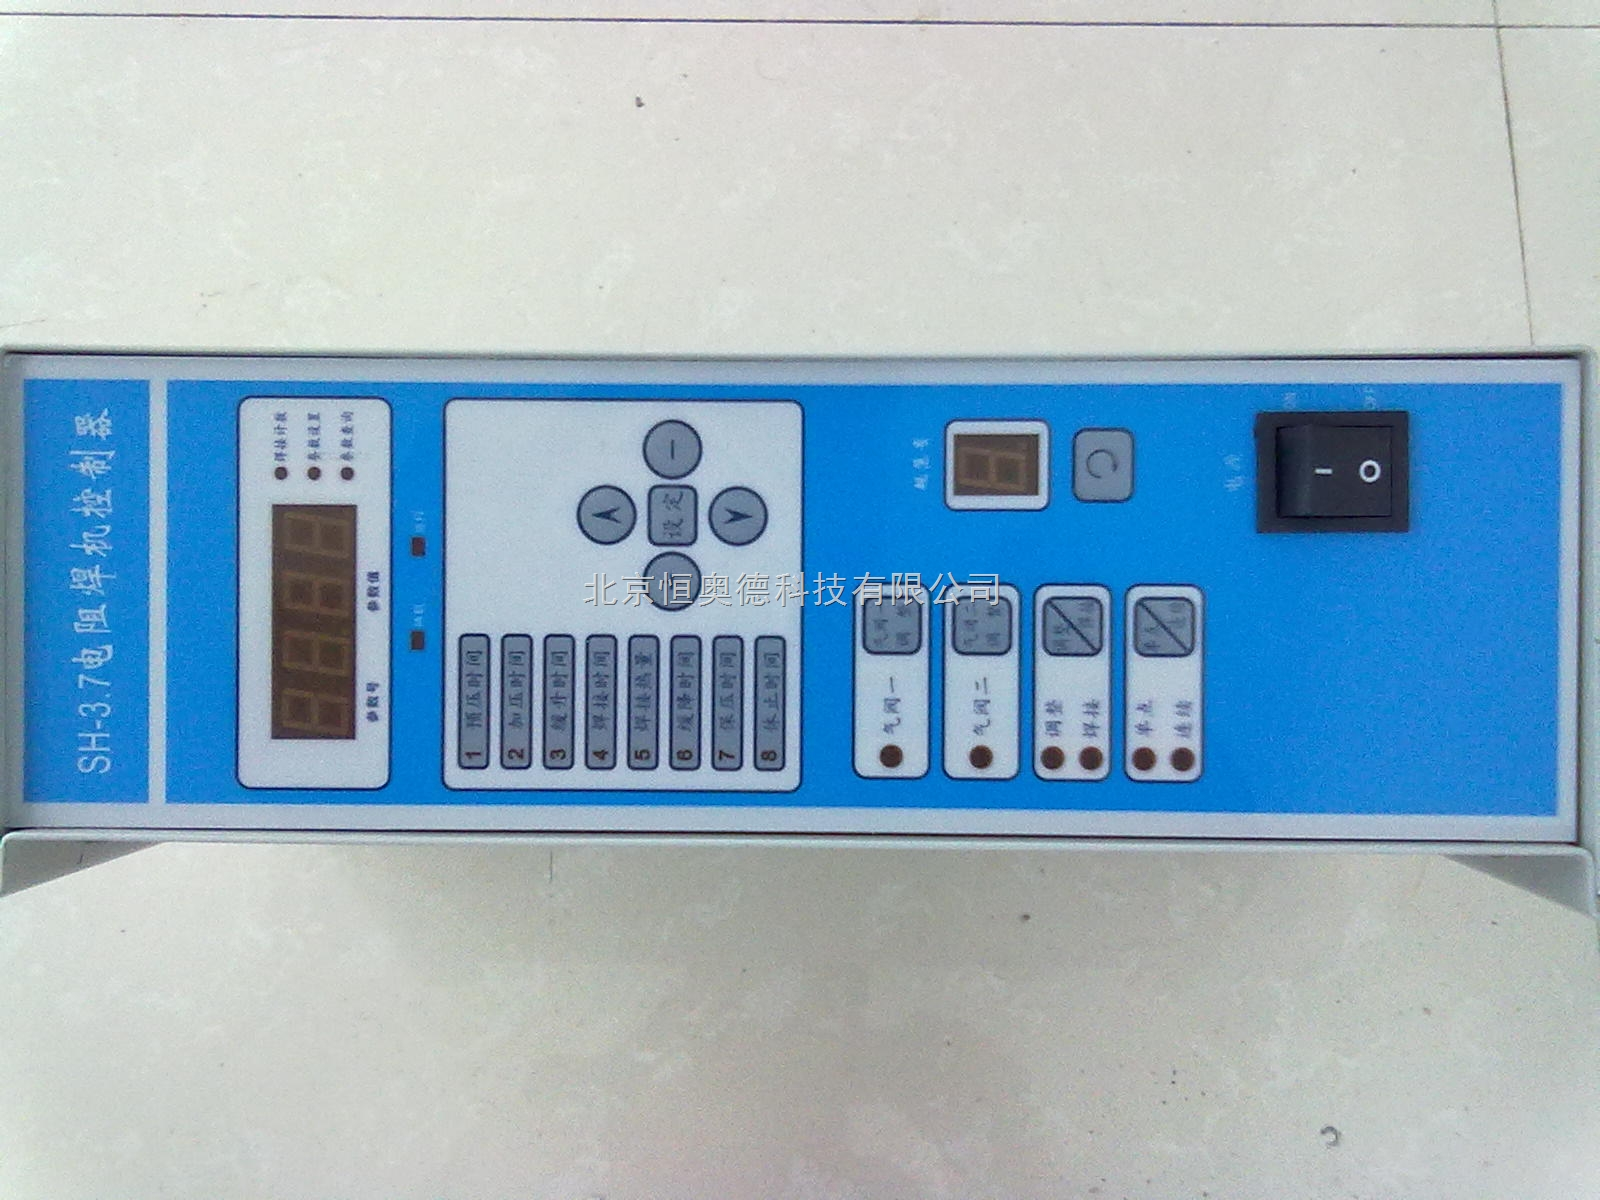 7系列微机精密焊机控制器,是一种以单片机作为主控制单元的点焊机同步